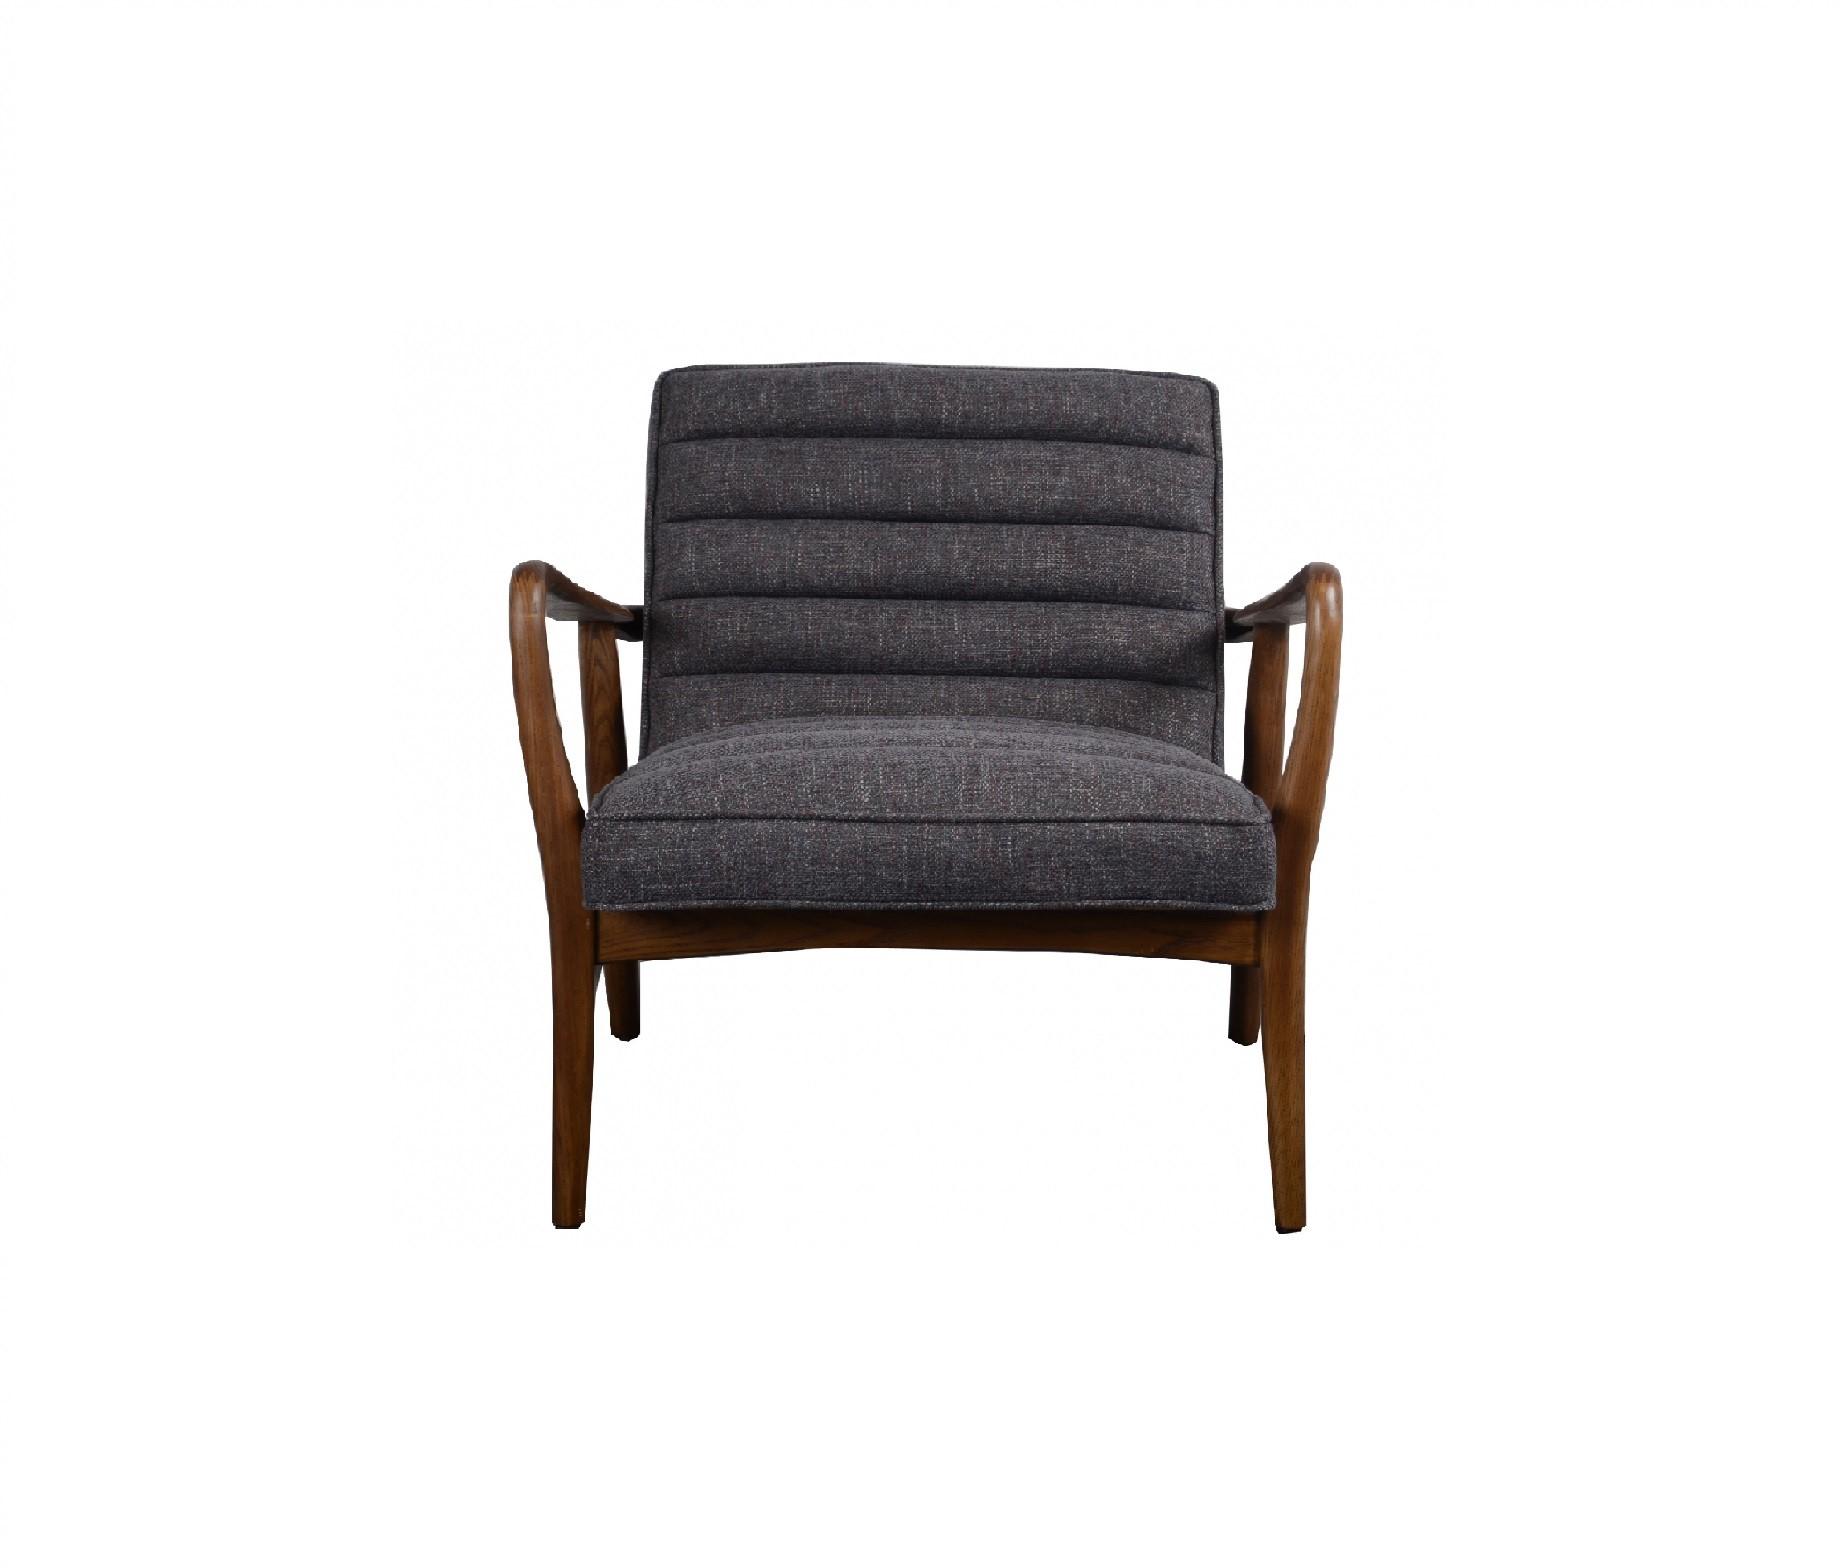 Jacob Pendle Chair